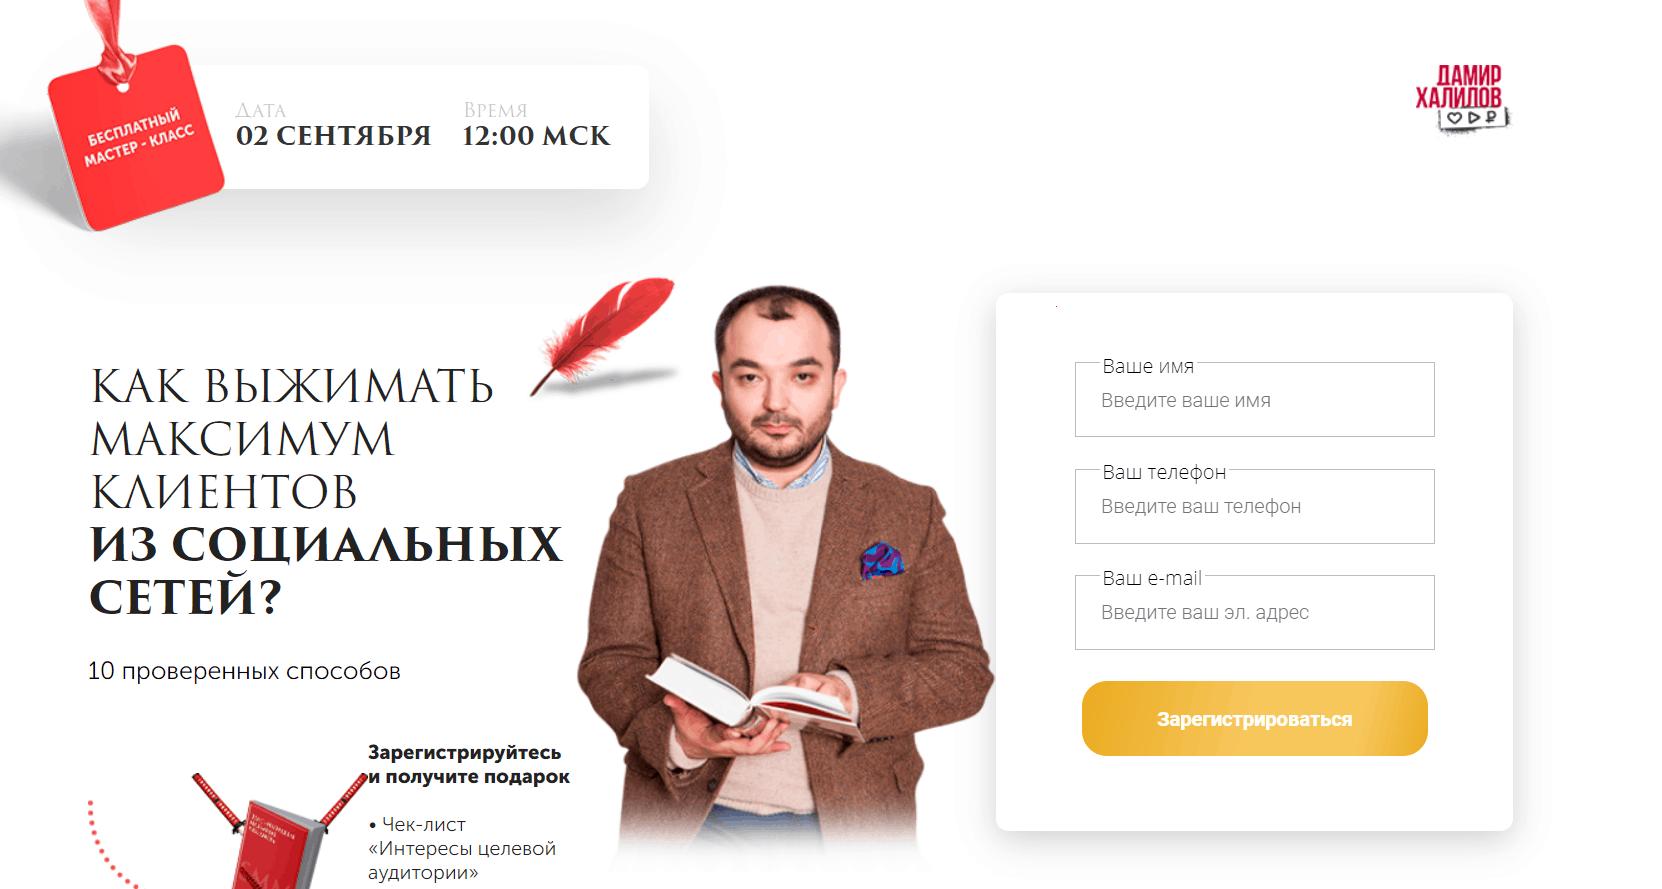 Вебинар по СММ от Дамира Халилова